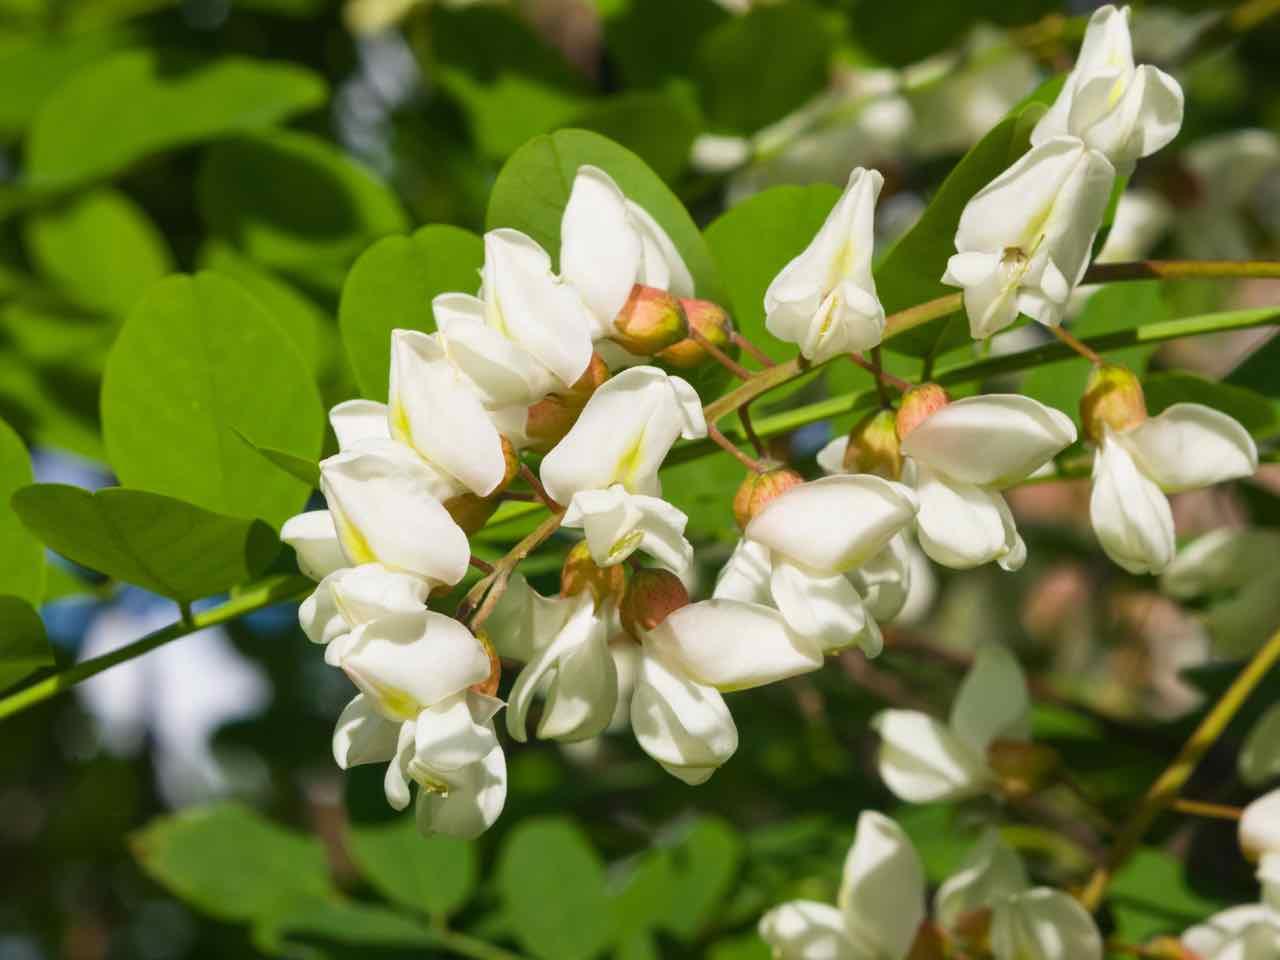 Robinia pseudoacacia - Acacia - Robinia - Black locust - Gustorotondo Italian food boutique